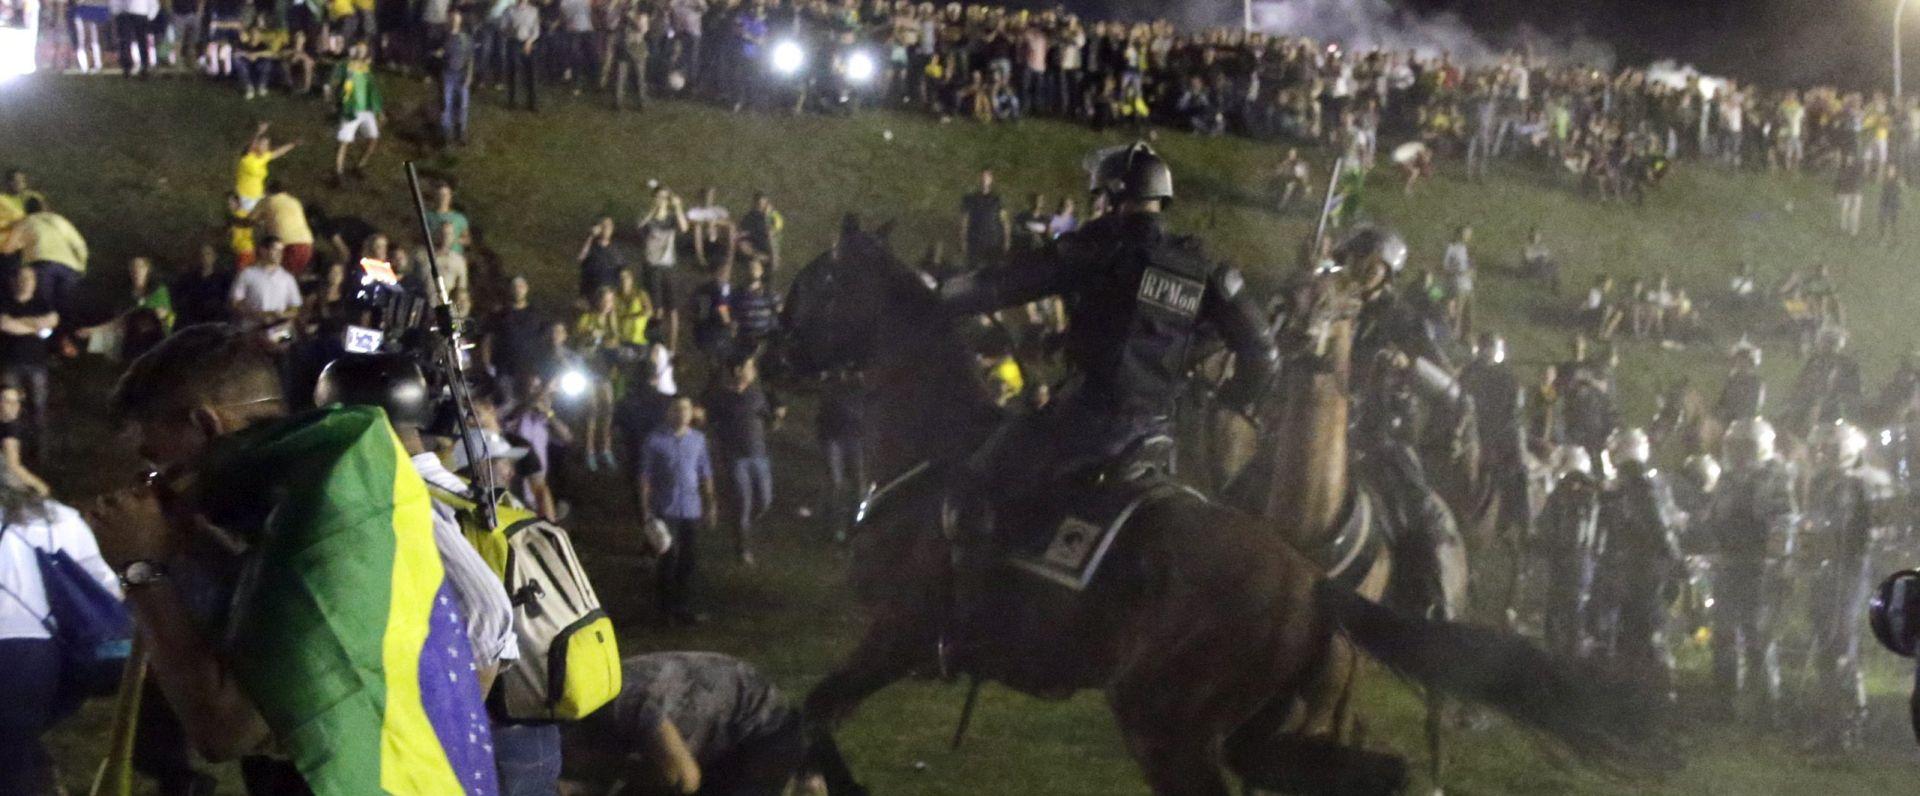 Noćni prosvjedi protiv predsjednice Rousseff u Braziliji i Sao Paulu